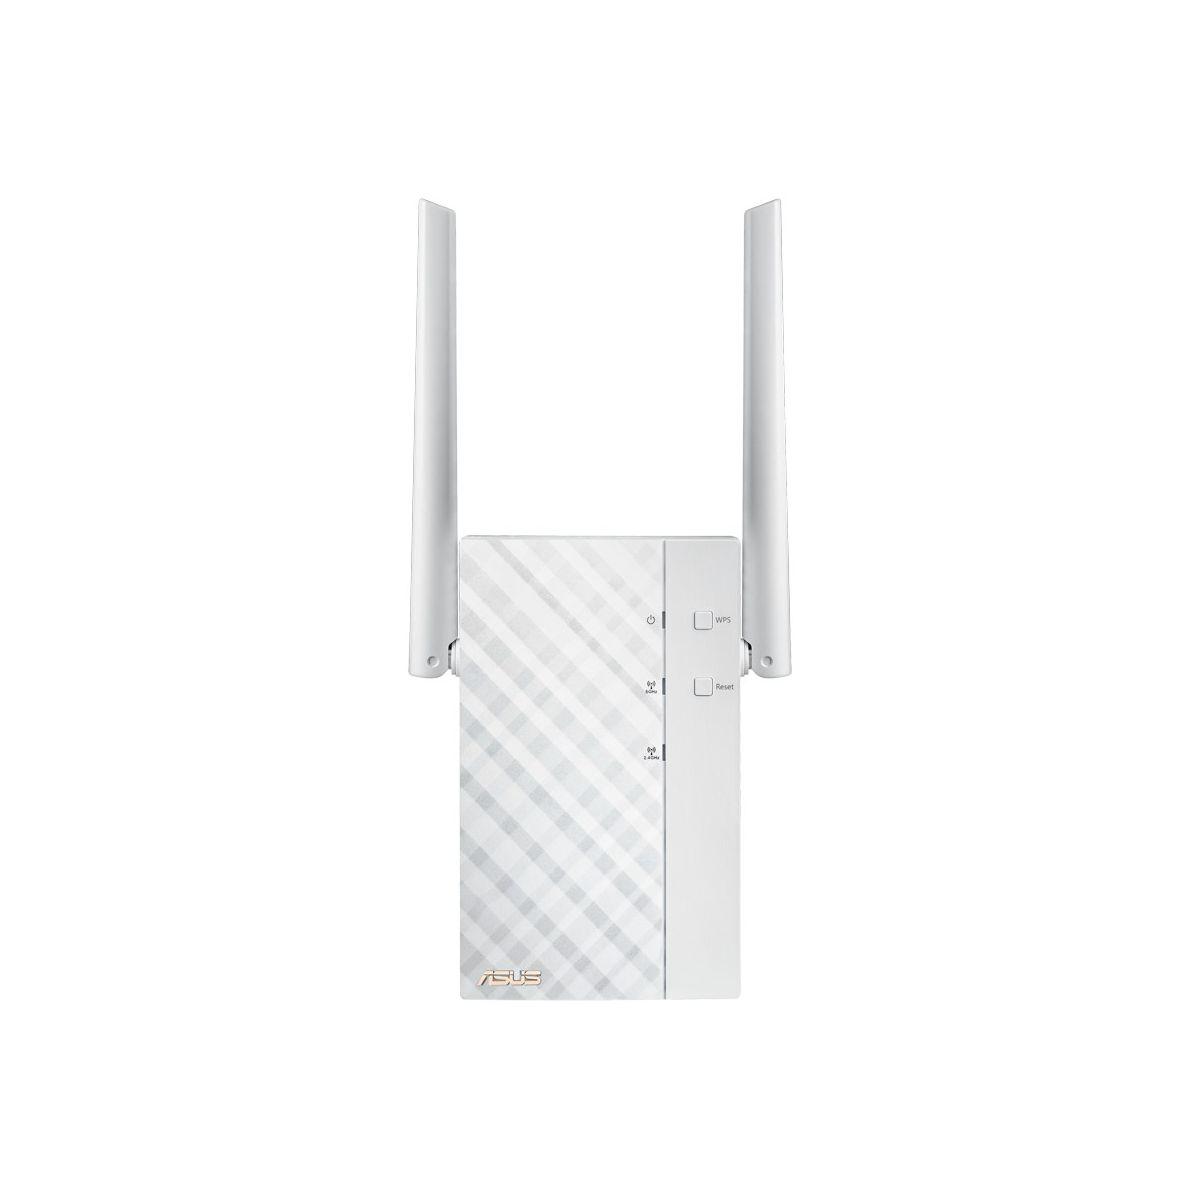 Rép. ASUS WIFI Double bande AC1200 RP-AC